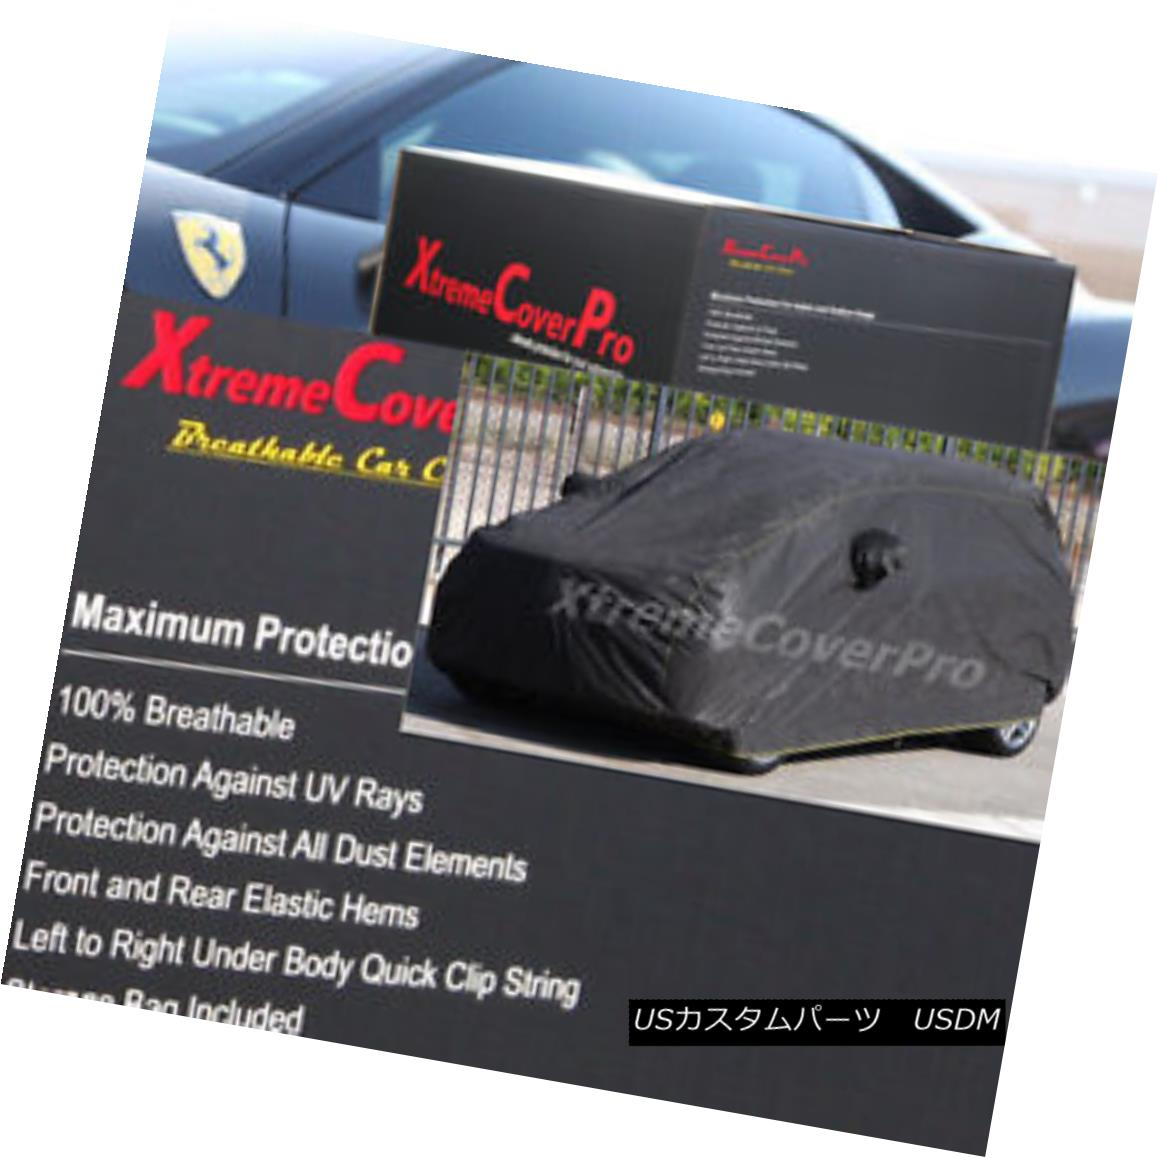 カーカバー 2015 LINCOLN MKX Breathable Car Cover w/Mirror Pockets - Black 2015 LINCOLN MKX通気性のある車カバー付き/ミラーポケット - ブラック